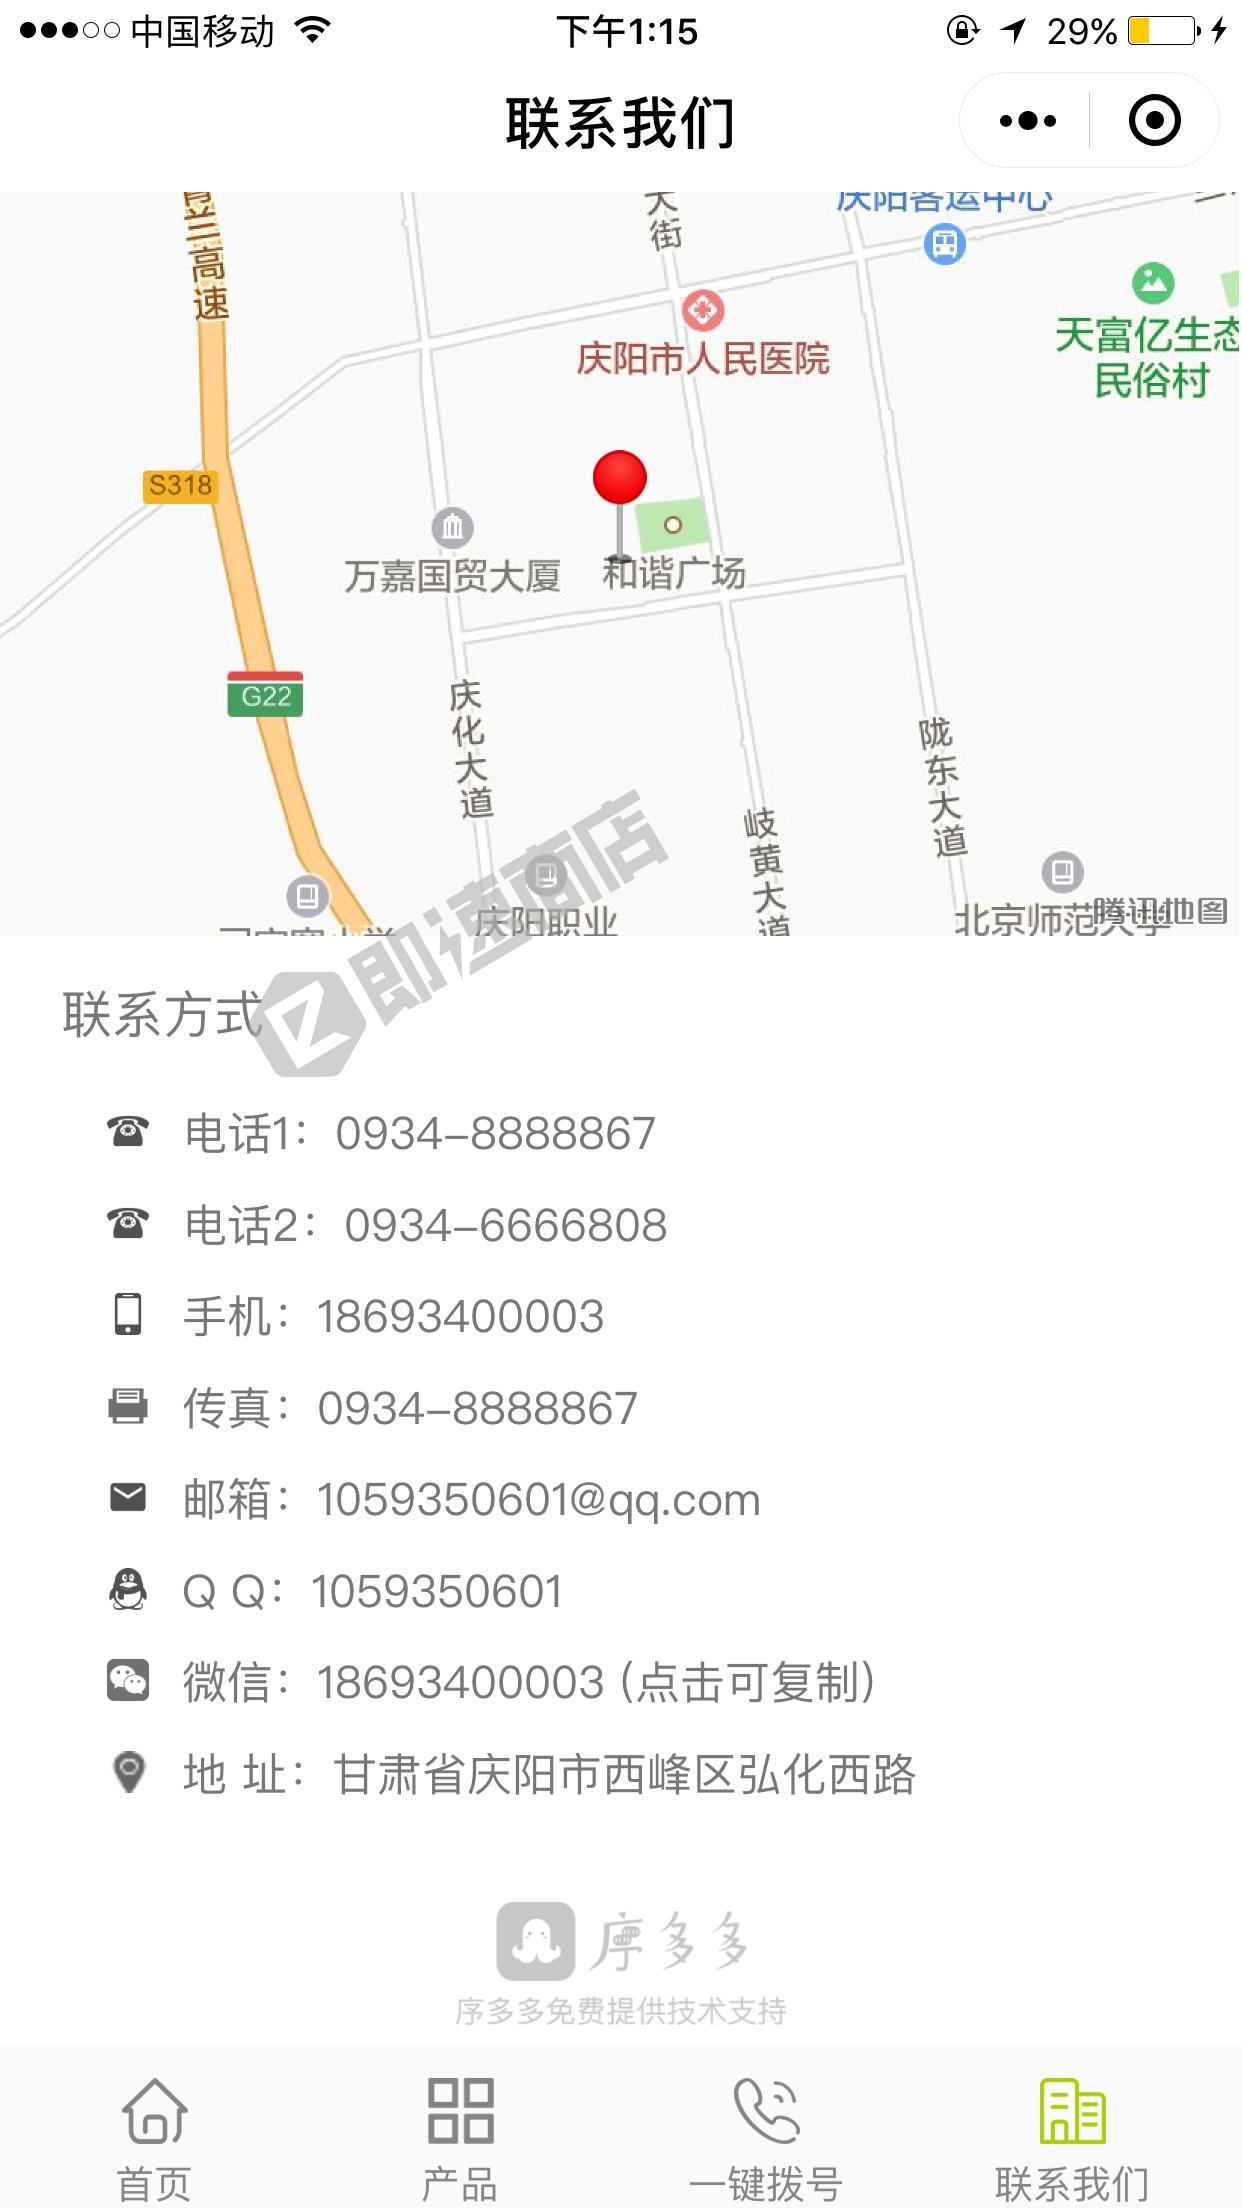 中贸特产官网小程序首页截图